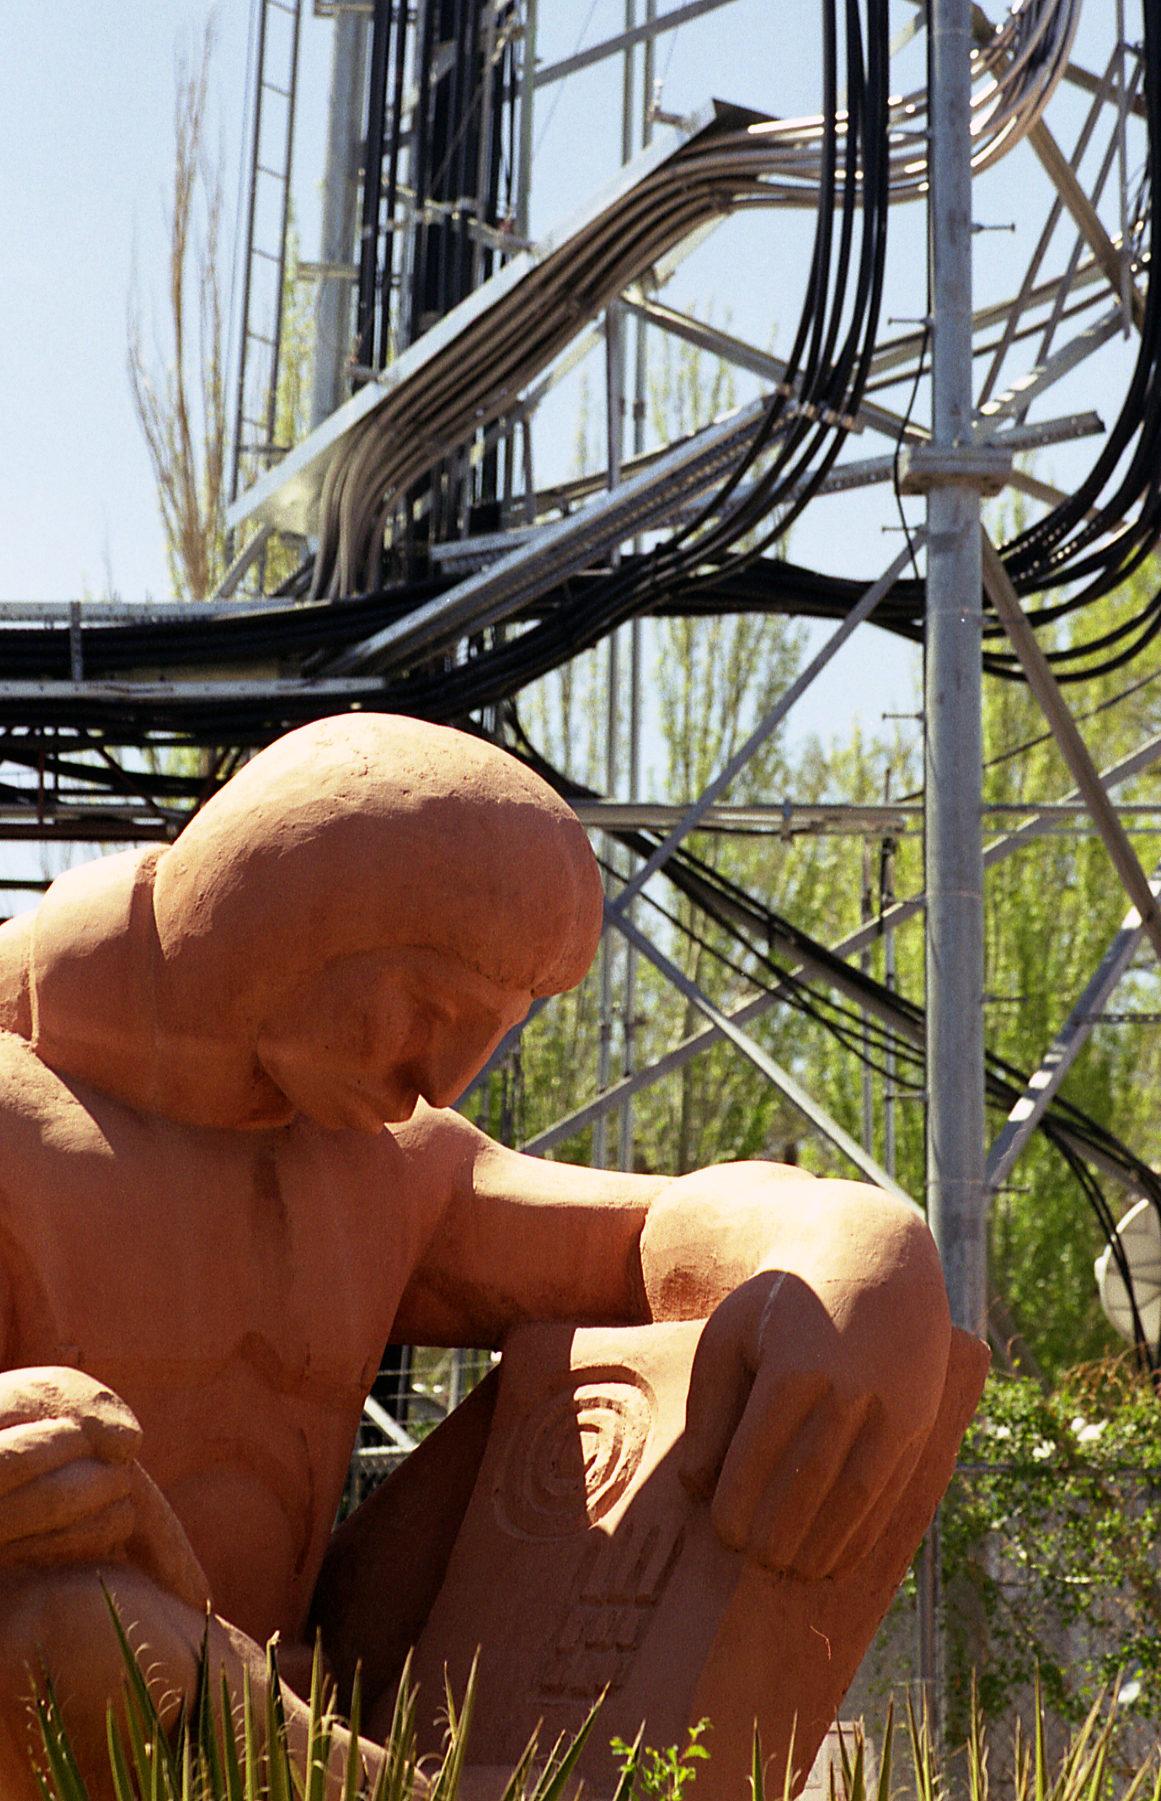 New Mexico statue